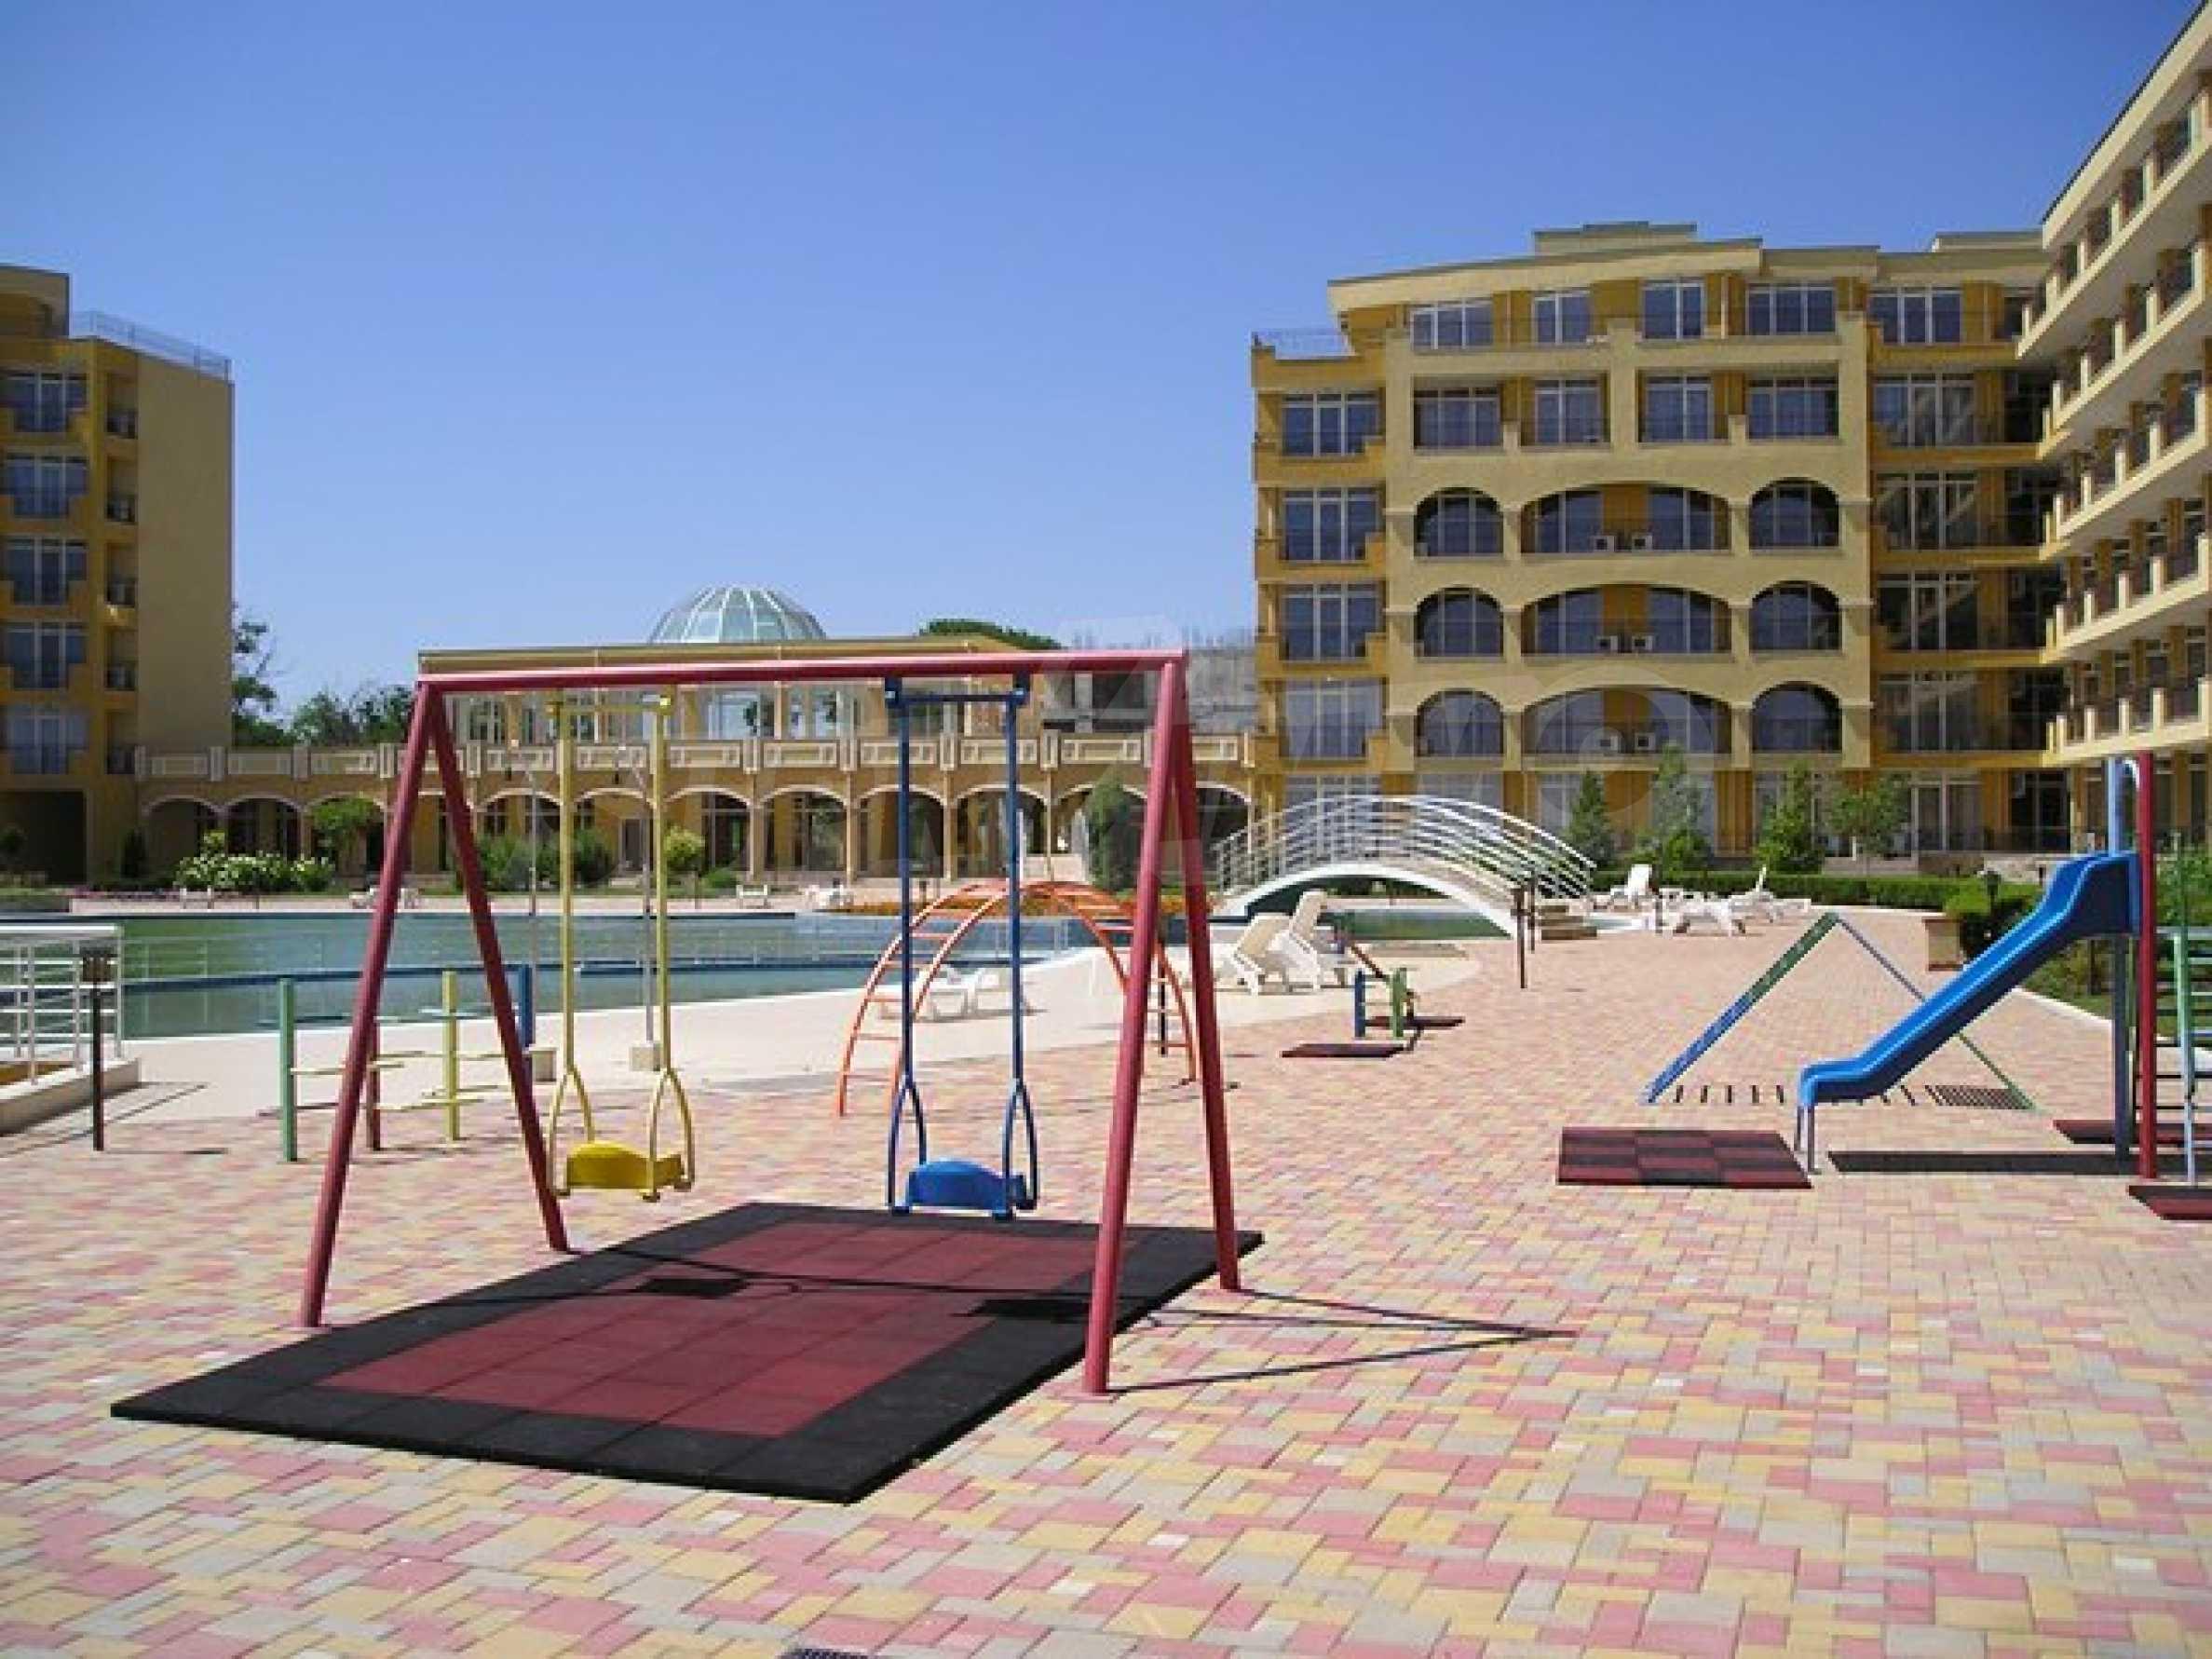 Studio zum Verkauf im Midia Grand Resort in Aheloy 31